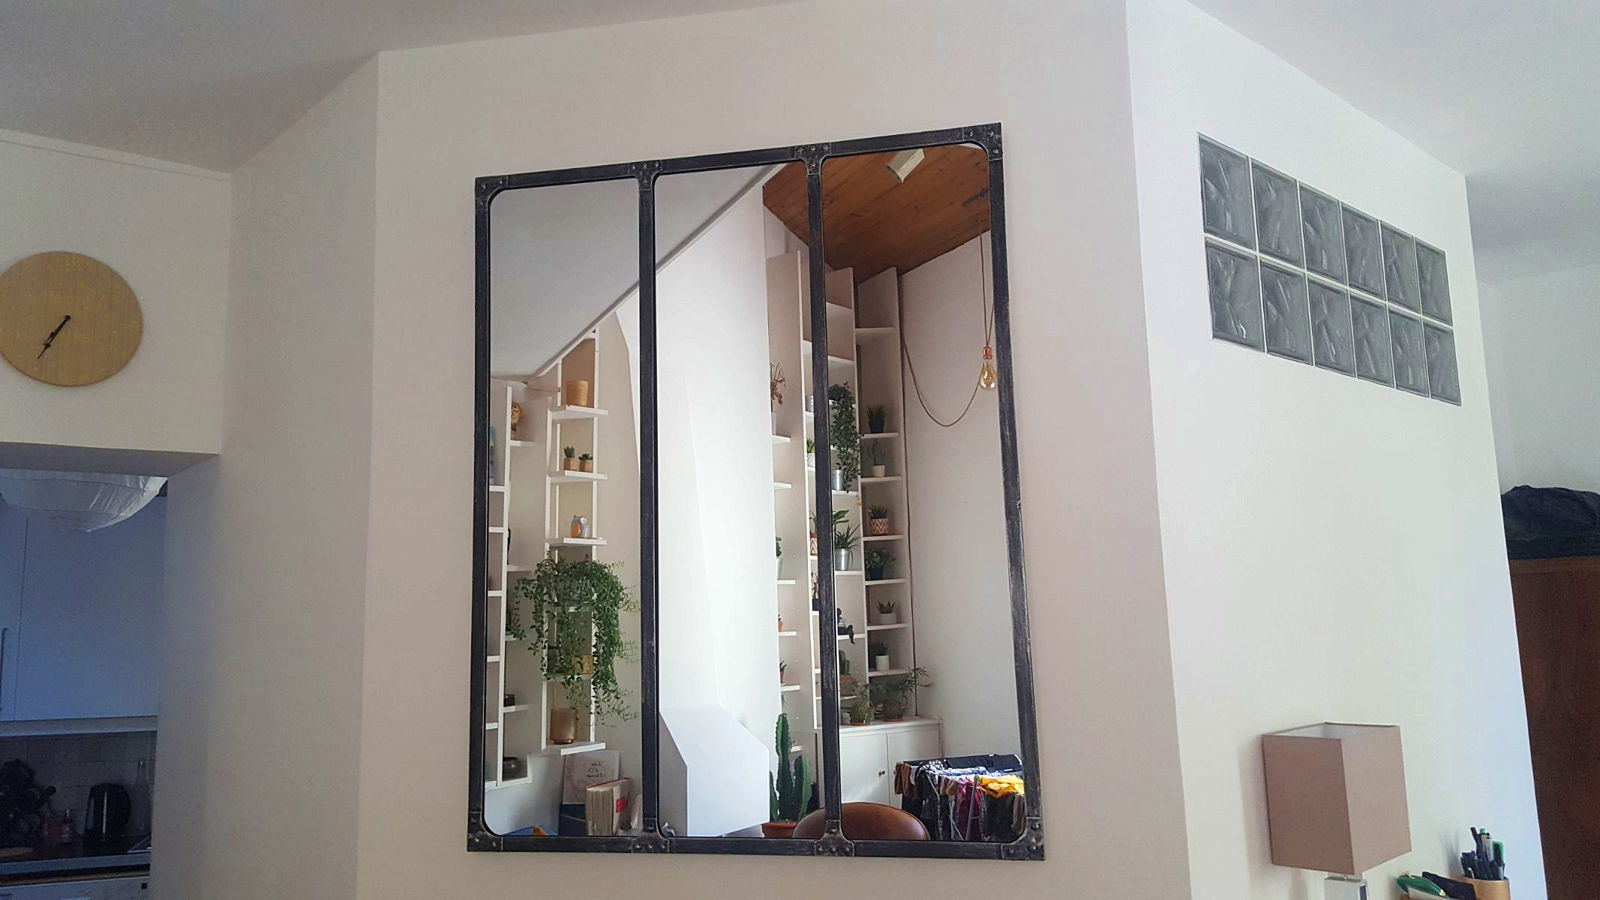 Miroir Maison Du Monde Industriel exclusivité gensdeconfiance] grand miroir style industriel